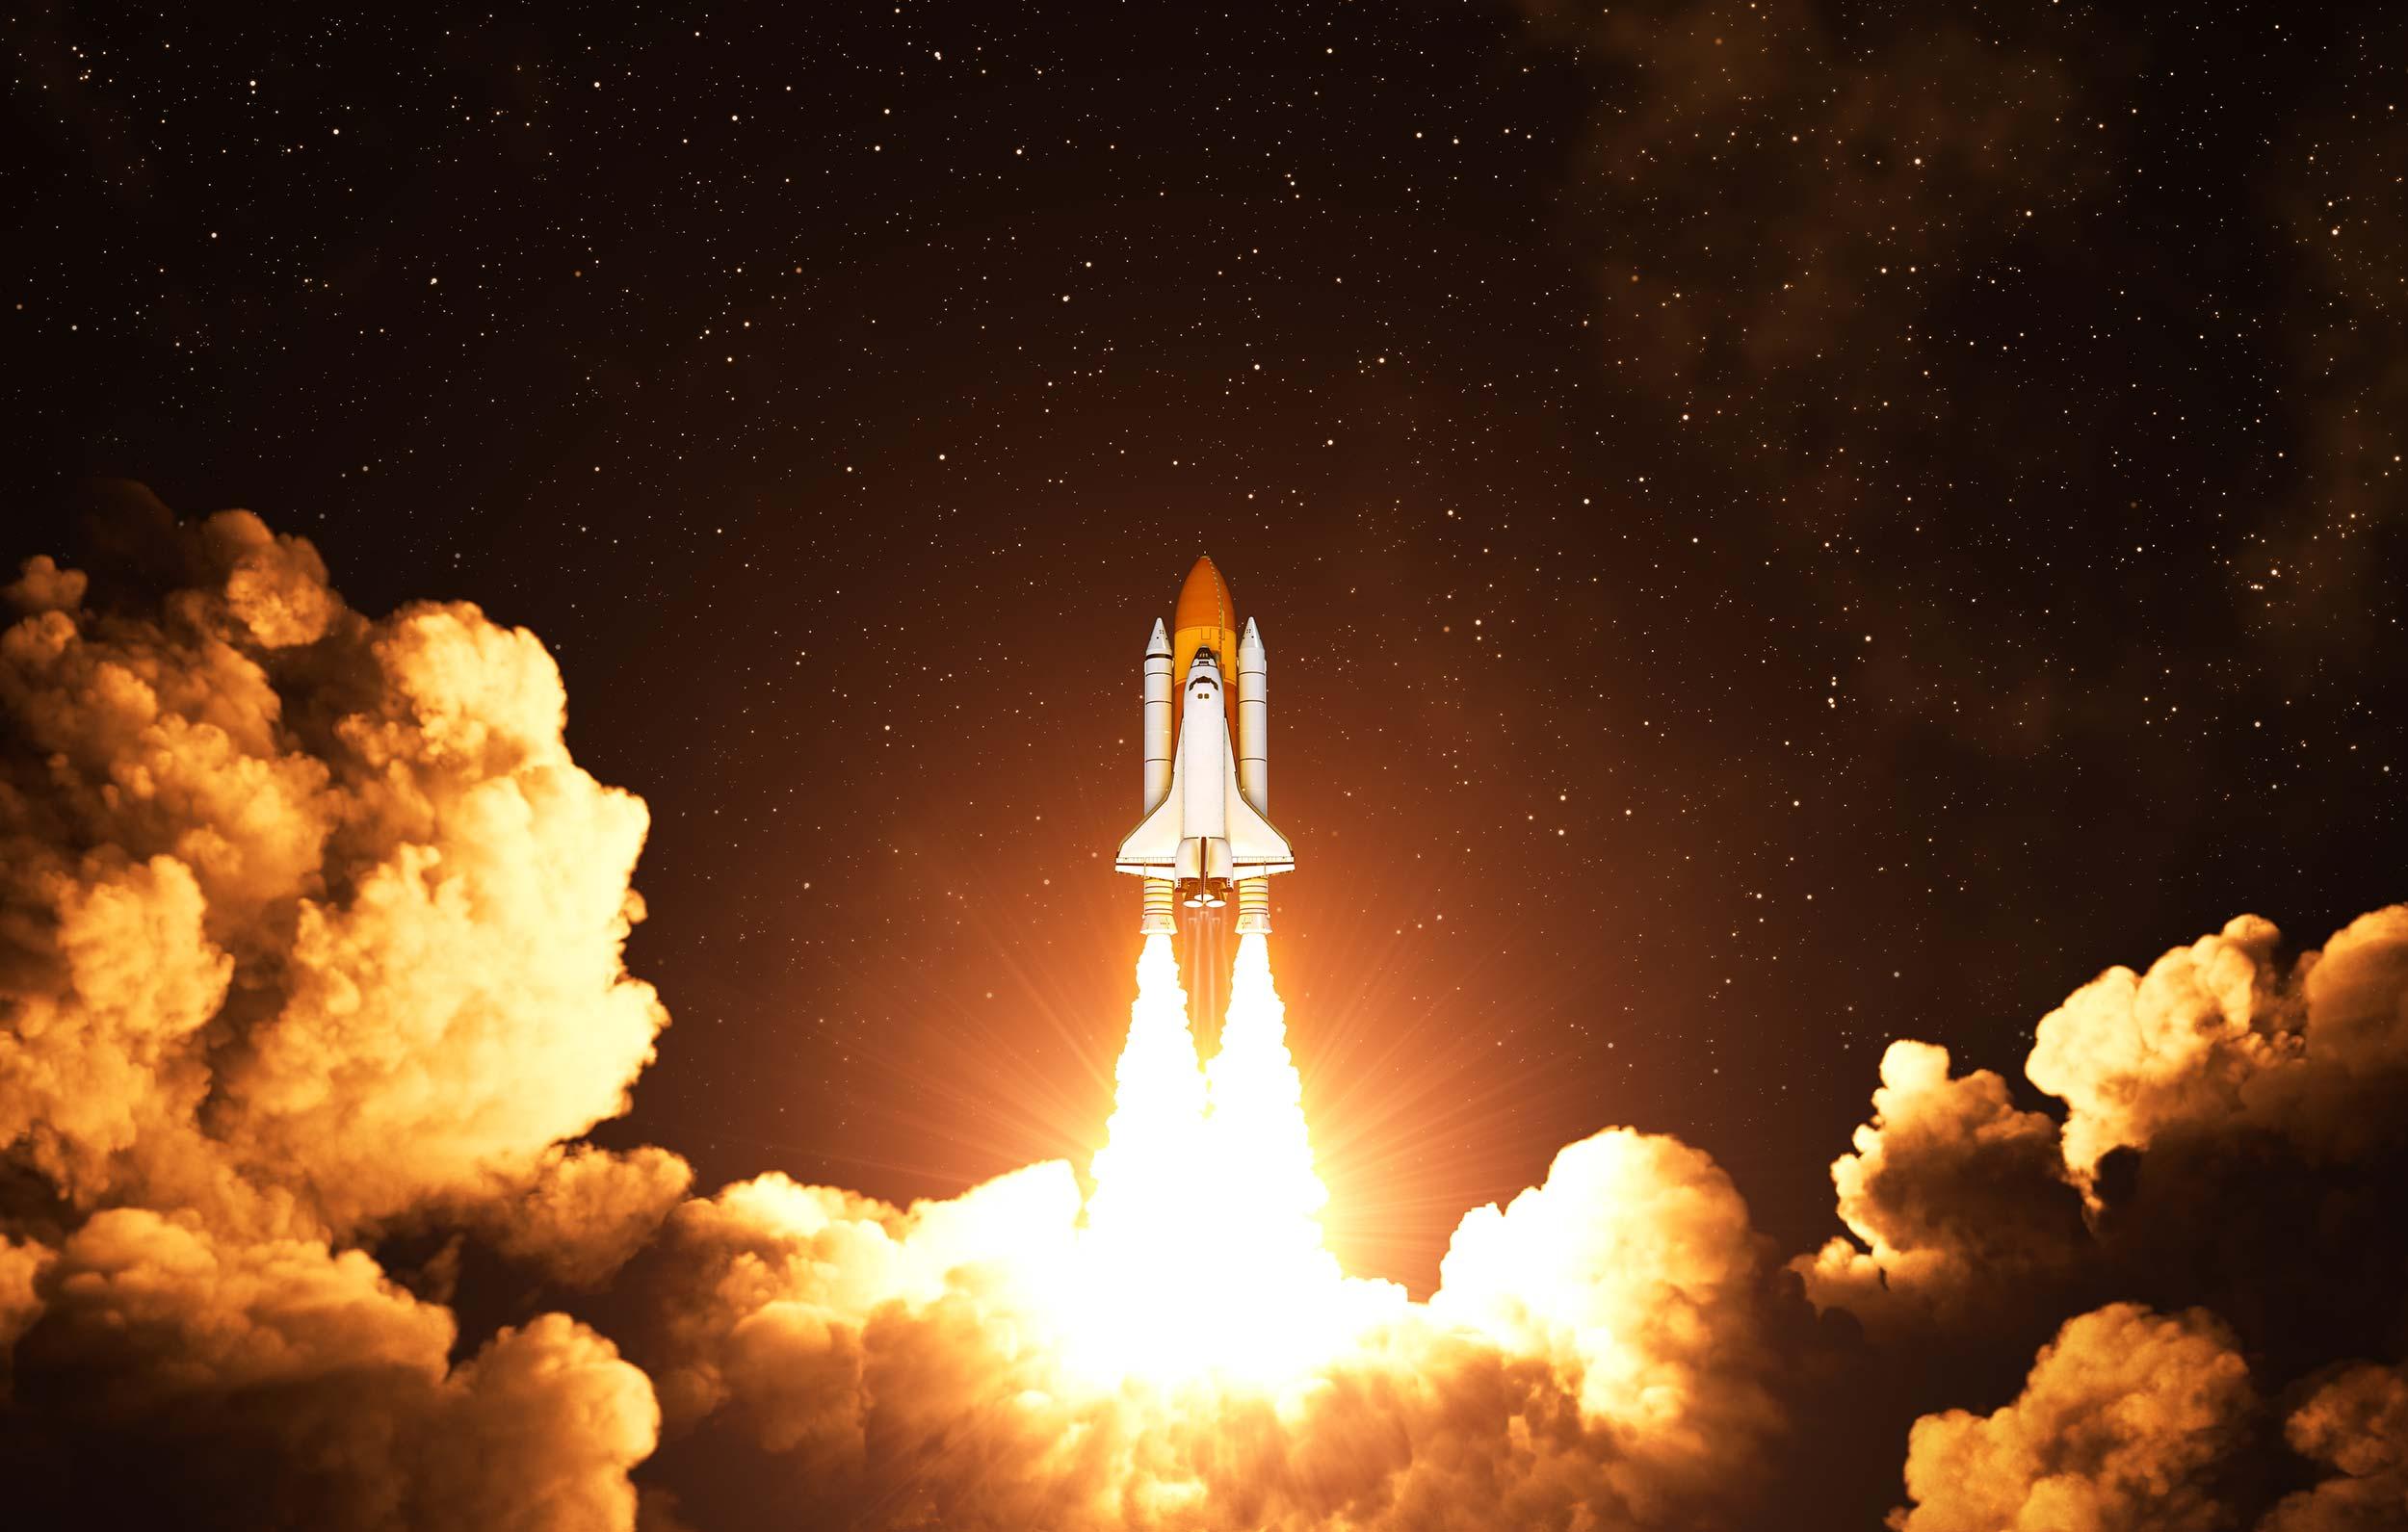 Rocket taking off at night